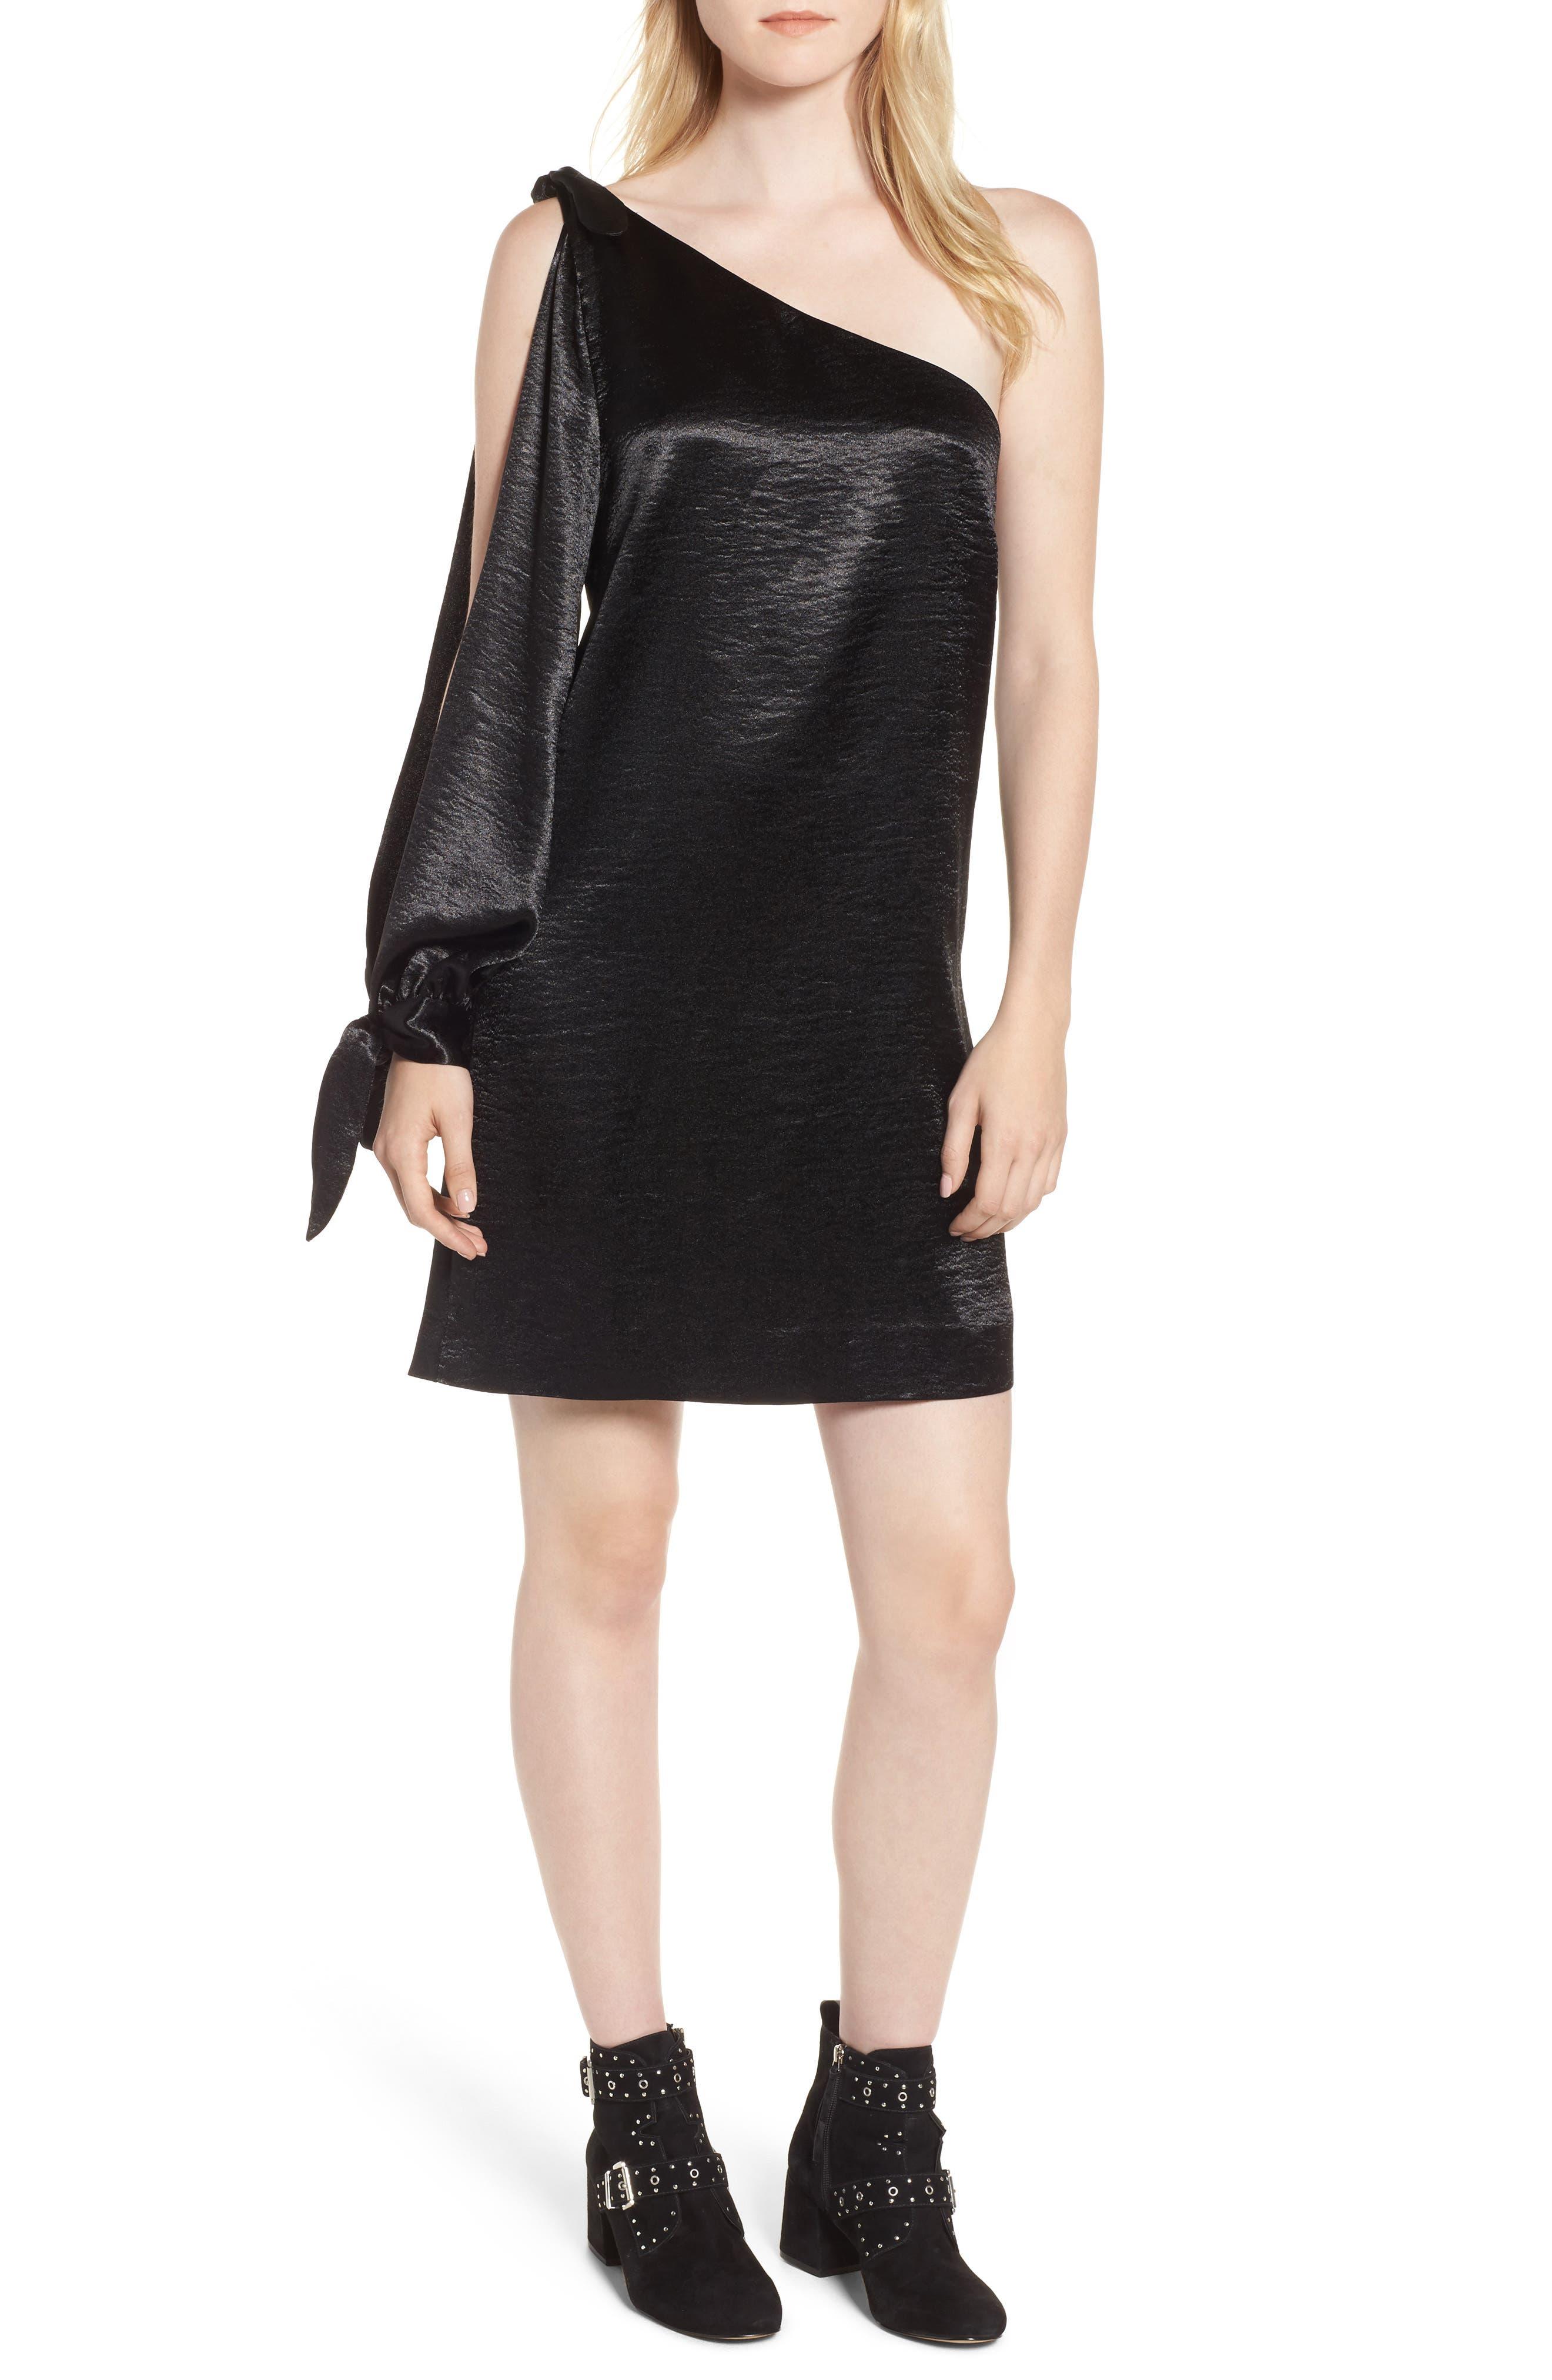 Alternate Image 1 Selected - Rebecca Minkoff Nash One-Shoulder Shift Dress